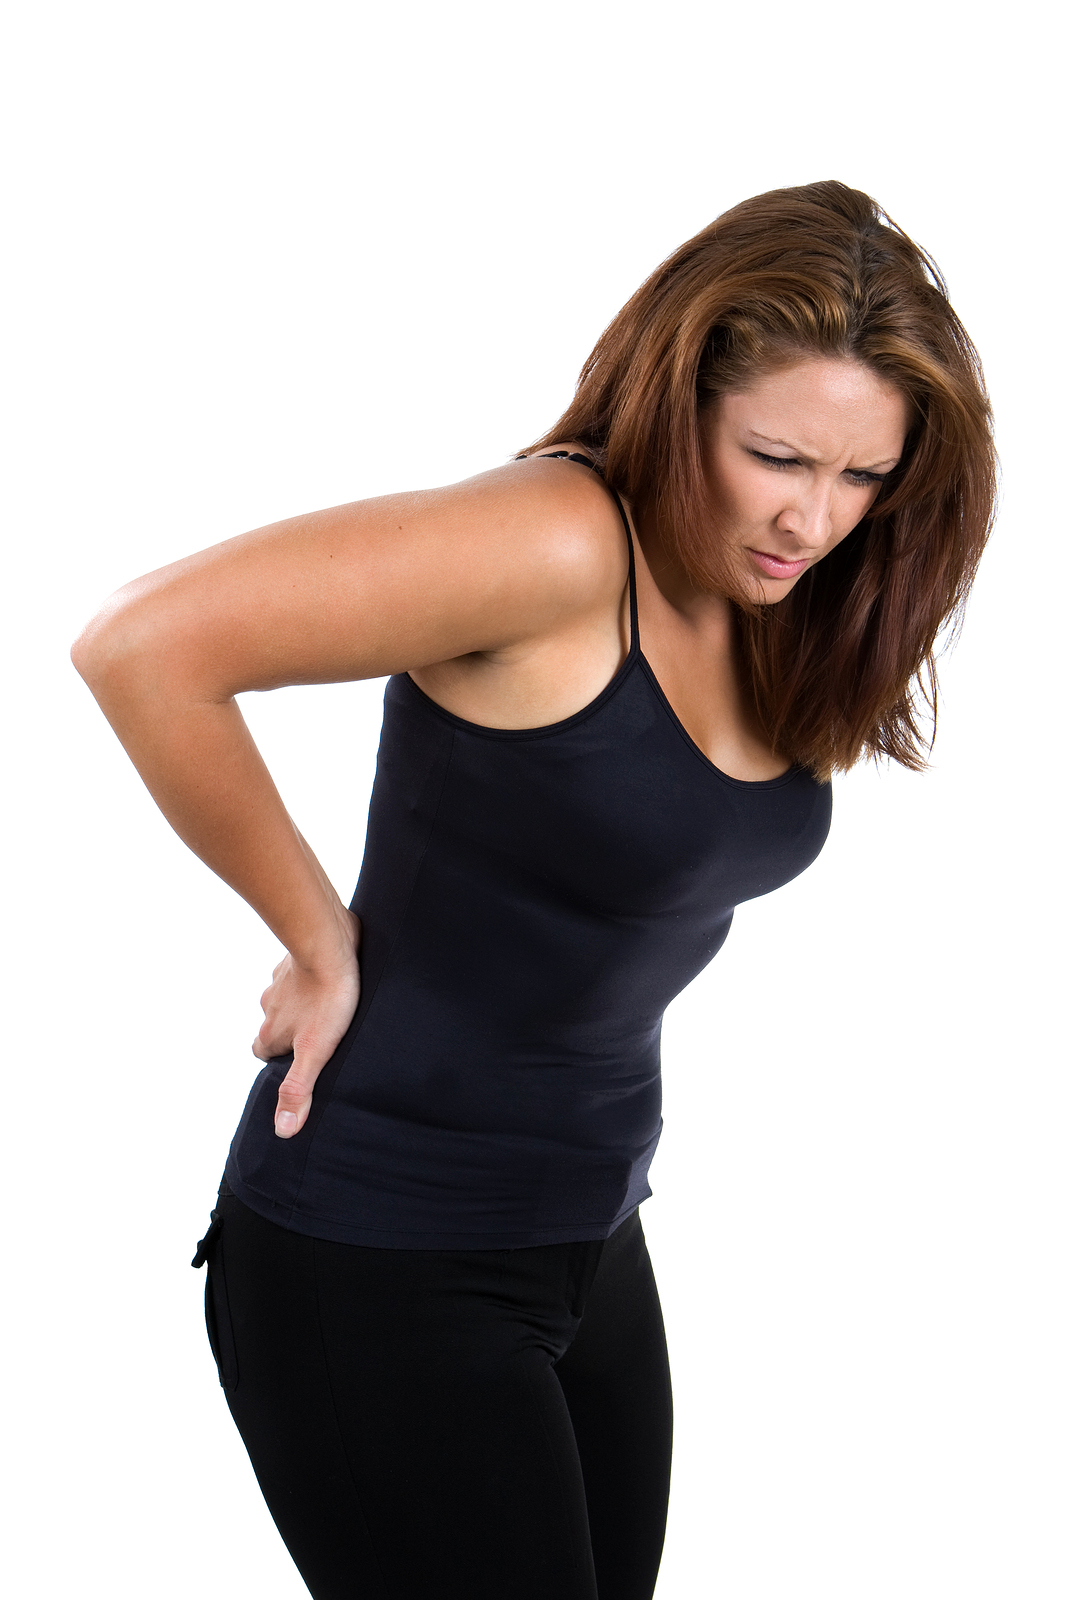 Herniated Disc, Sciatica, Sciatic Nerve, Back Pain, Back Ache